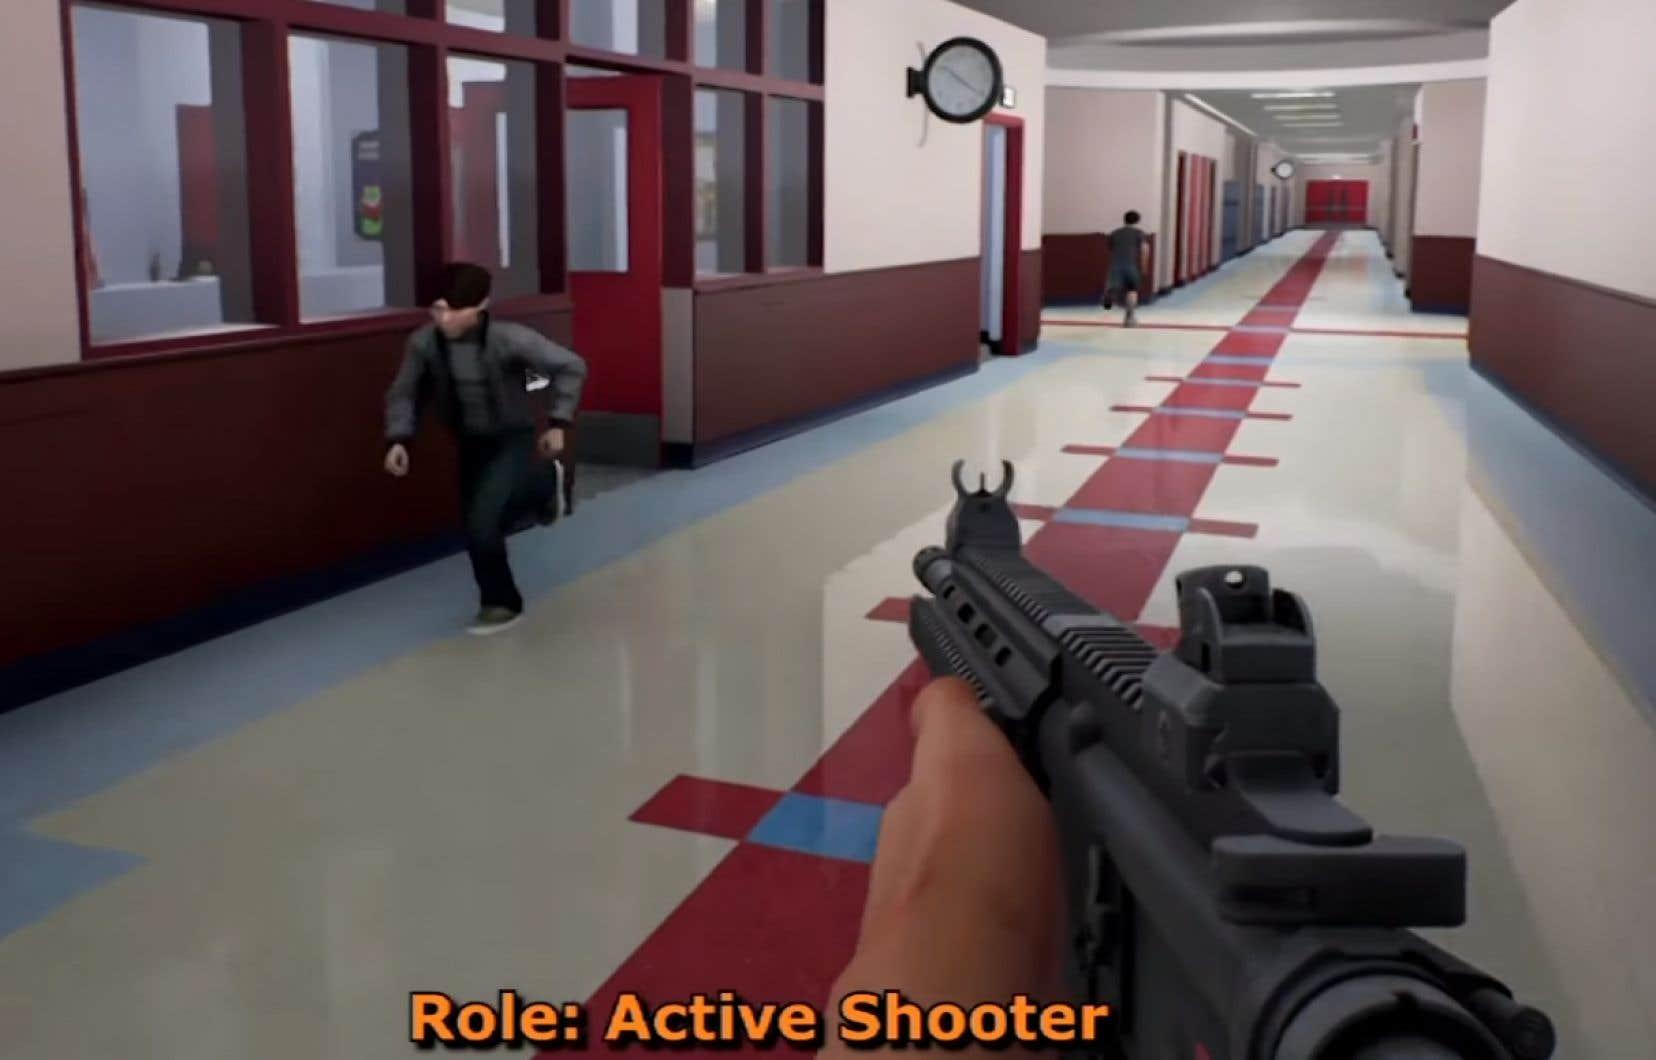 «Active Shooter»propose aux joueurs d'endosser le rôle soit du tireur, soit des policiers d'intervention.